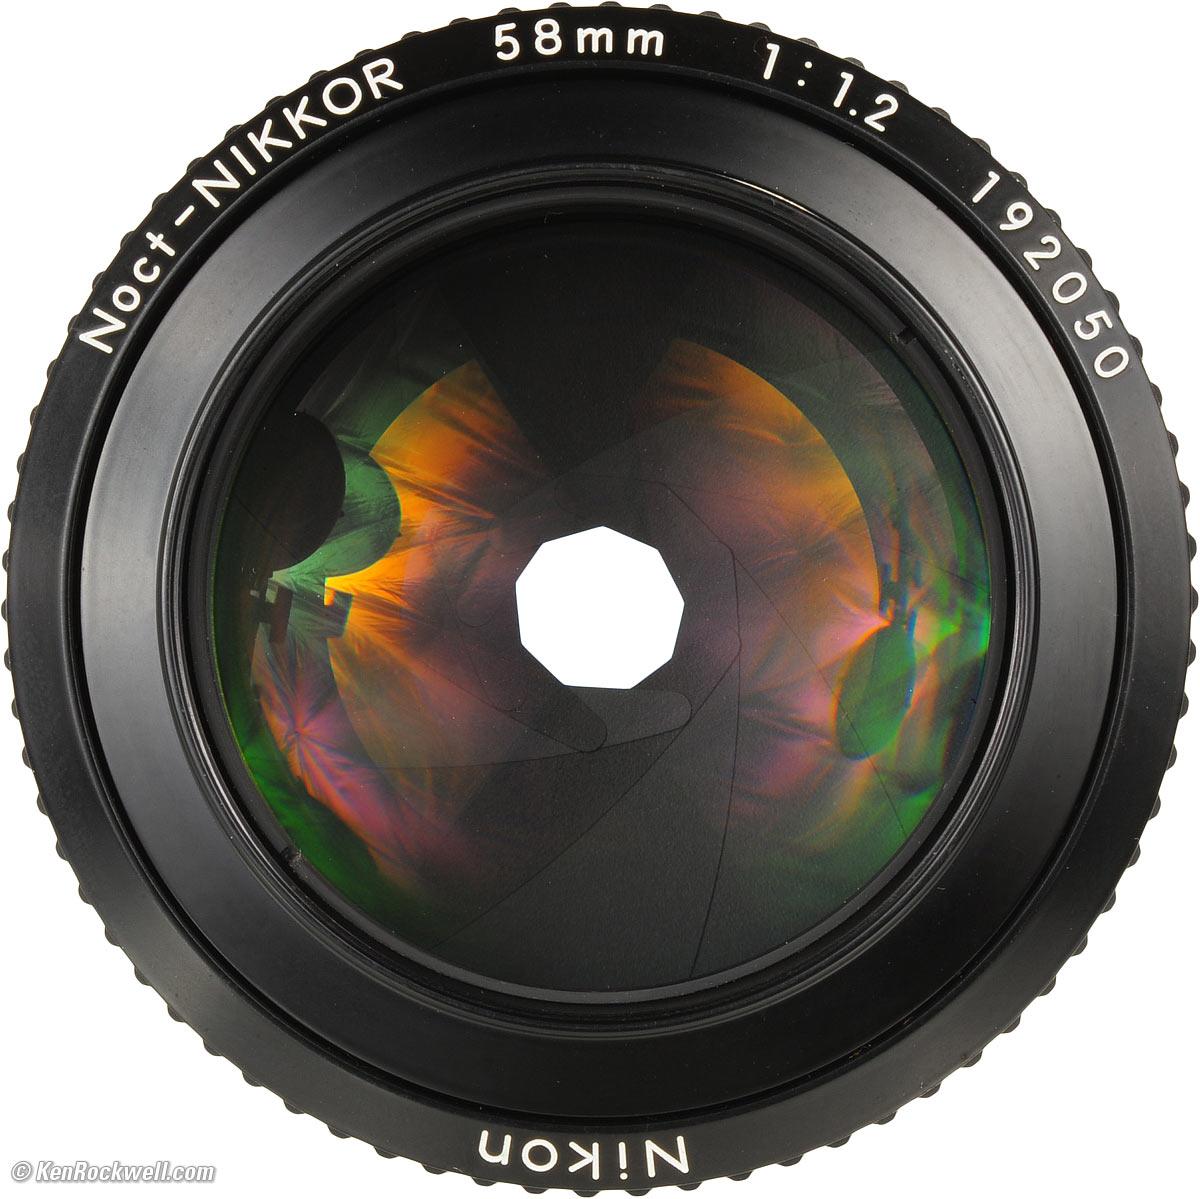 Nikon clipart camera lense #3